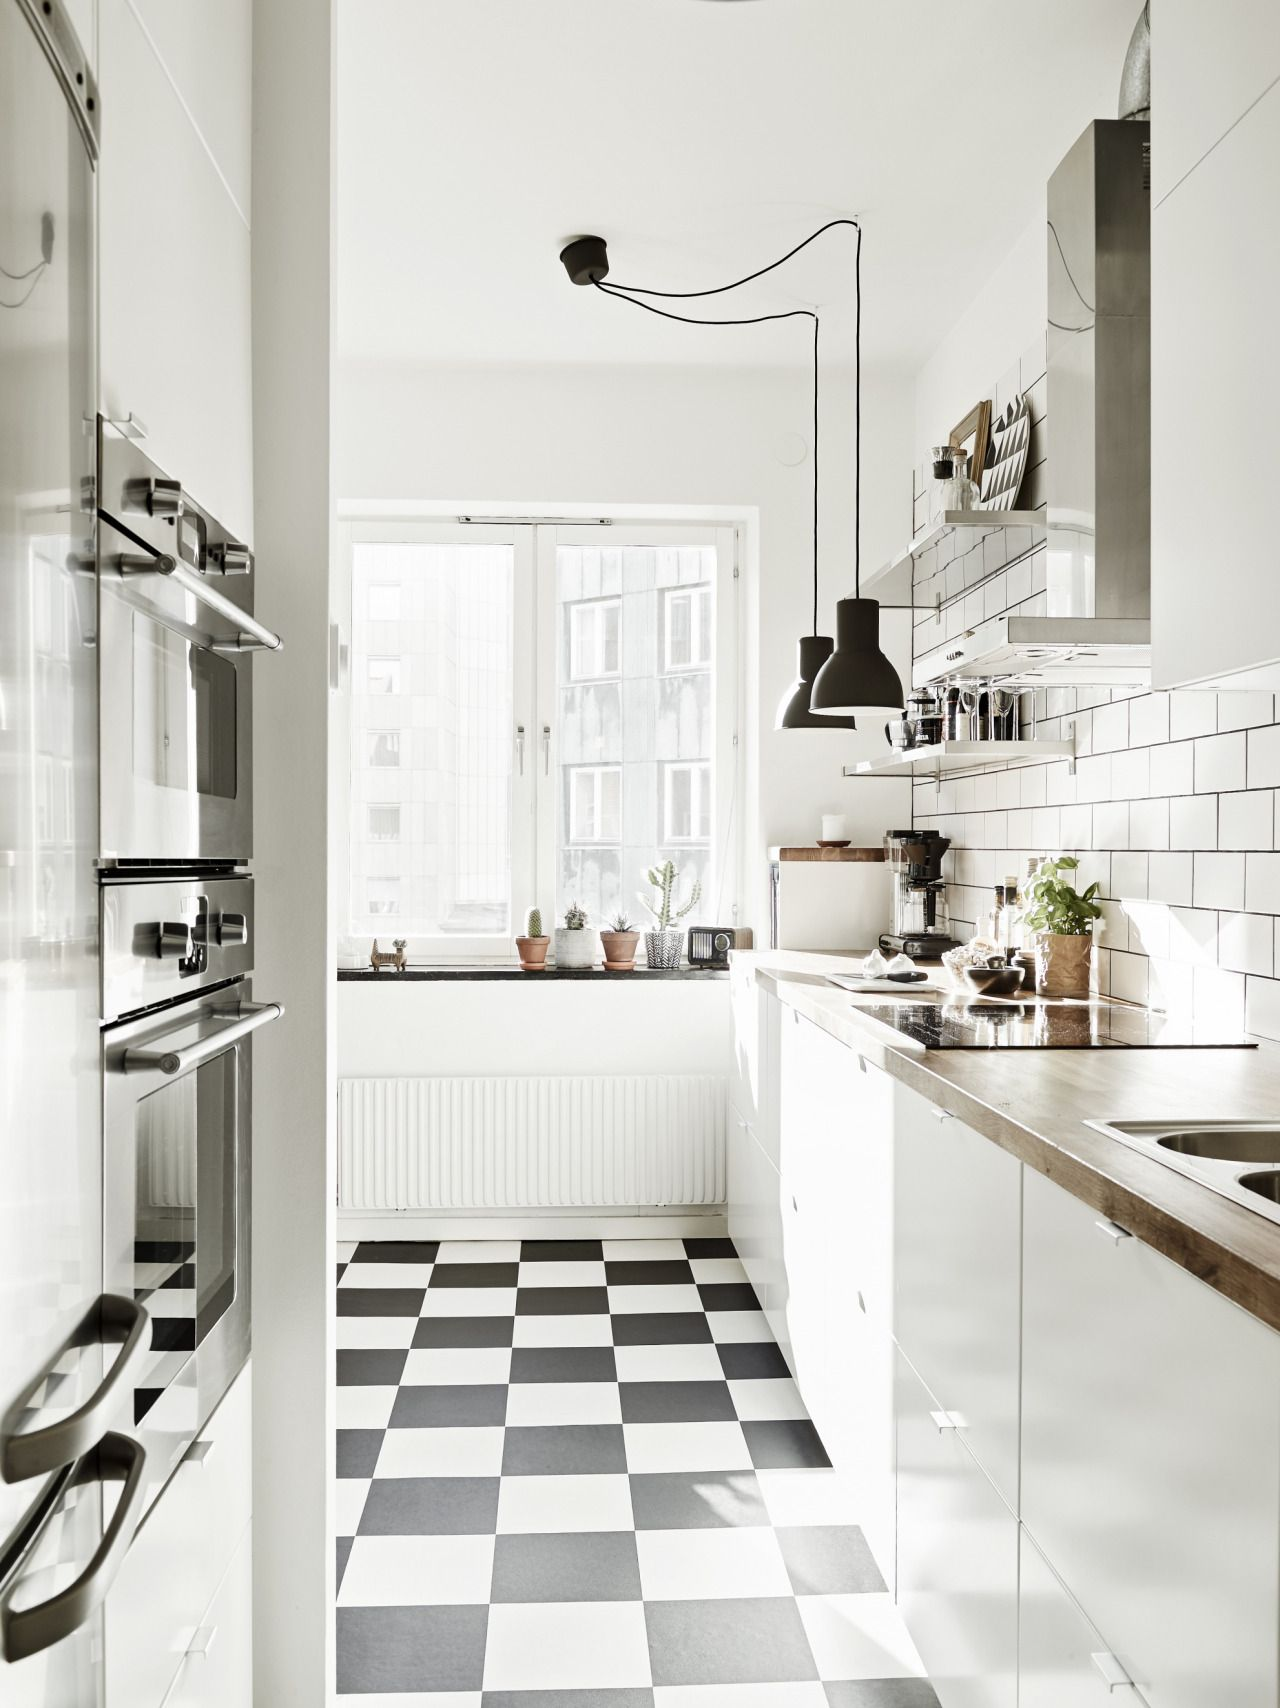 Modern Luminous Kitchen Via Stadshem My Ideal Home Kuche Mit Weissen Fliesen Kuchen Design Kuchenboden